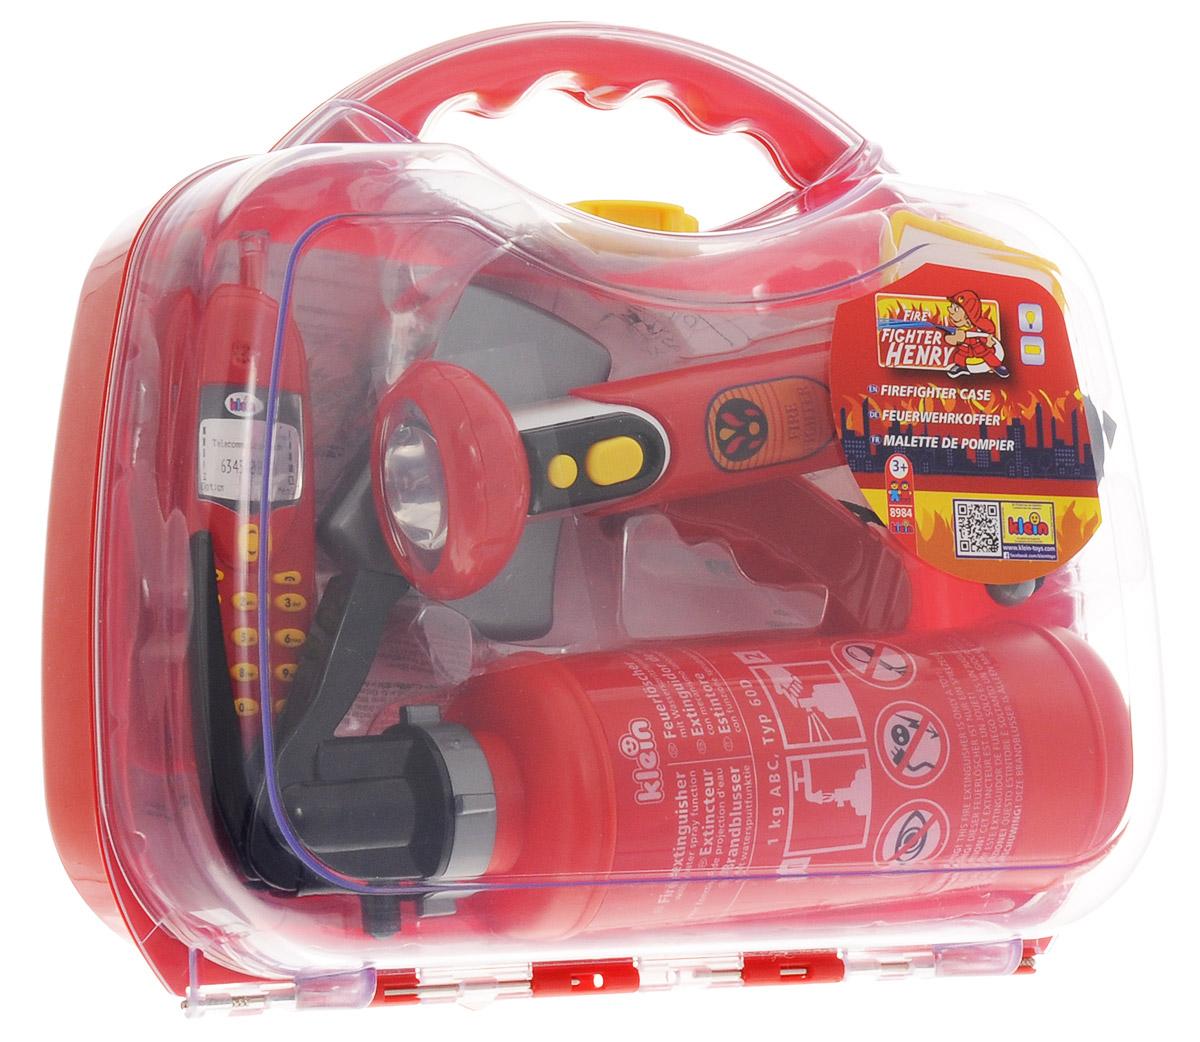 Klein Игрушечный набор пожарного - Сюжетно-ролевые игрушки